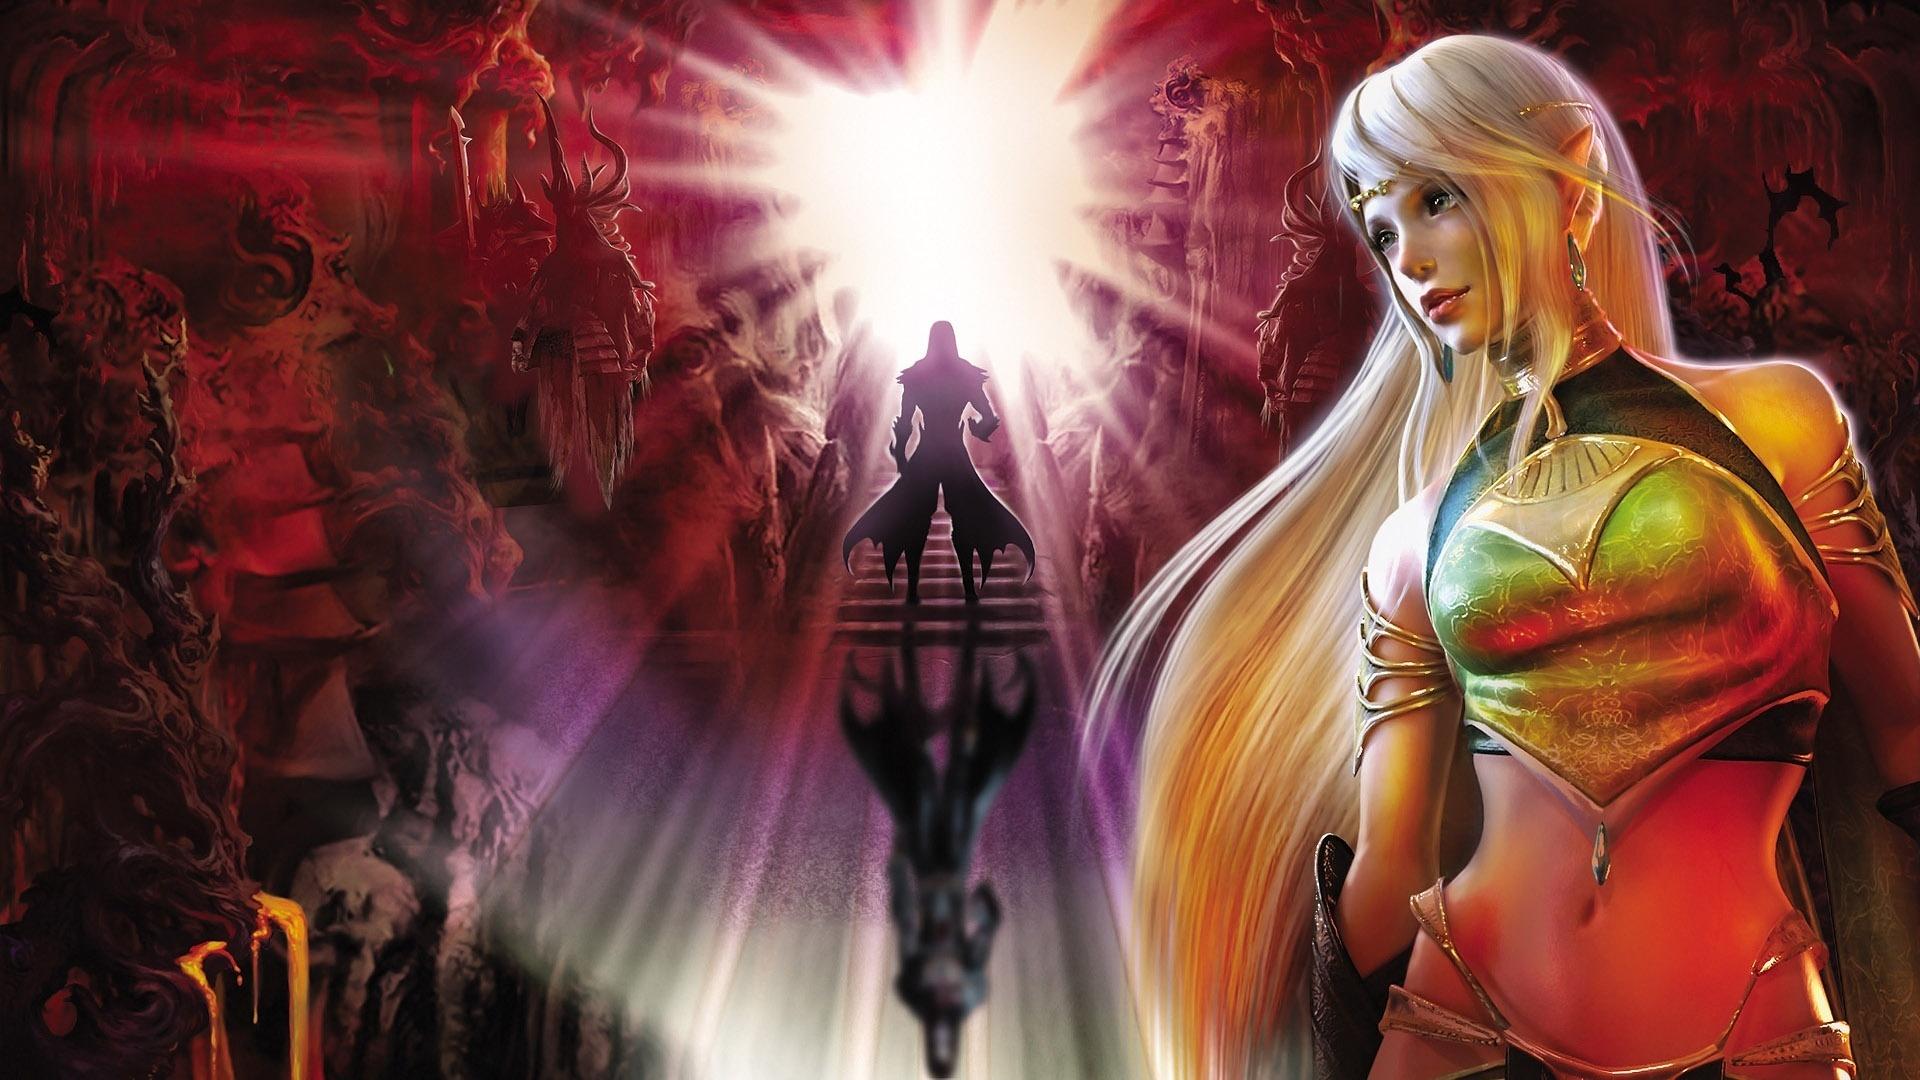 Fantasy Warrior Light Blonde Girl